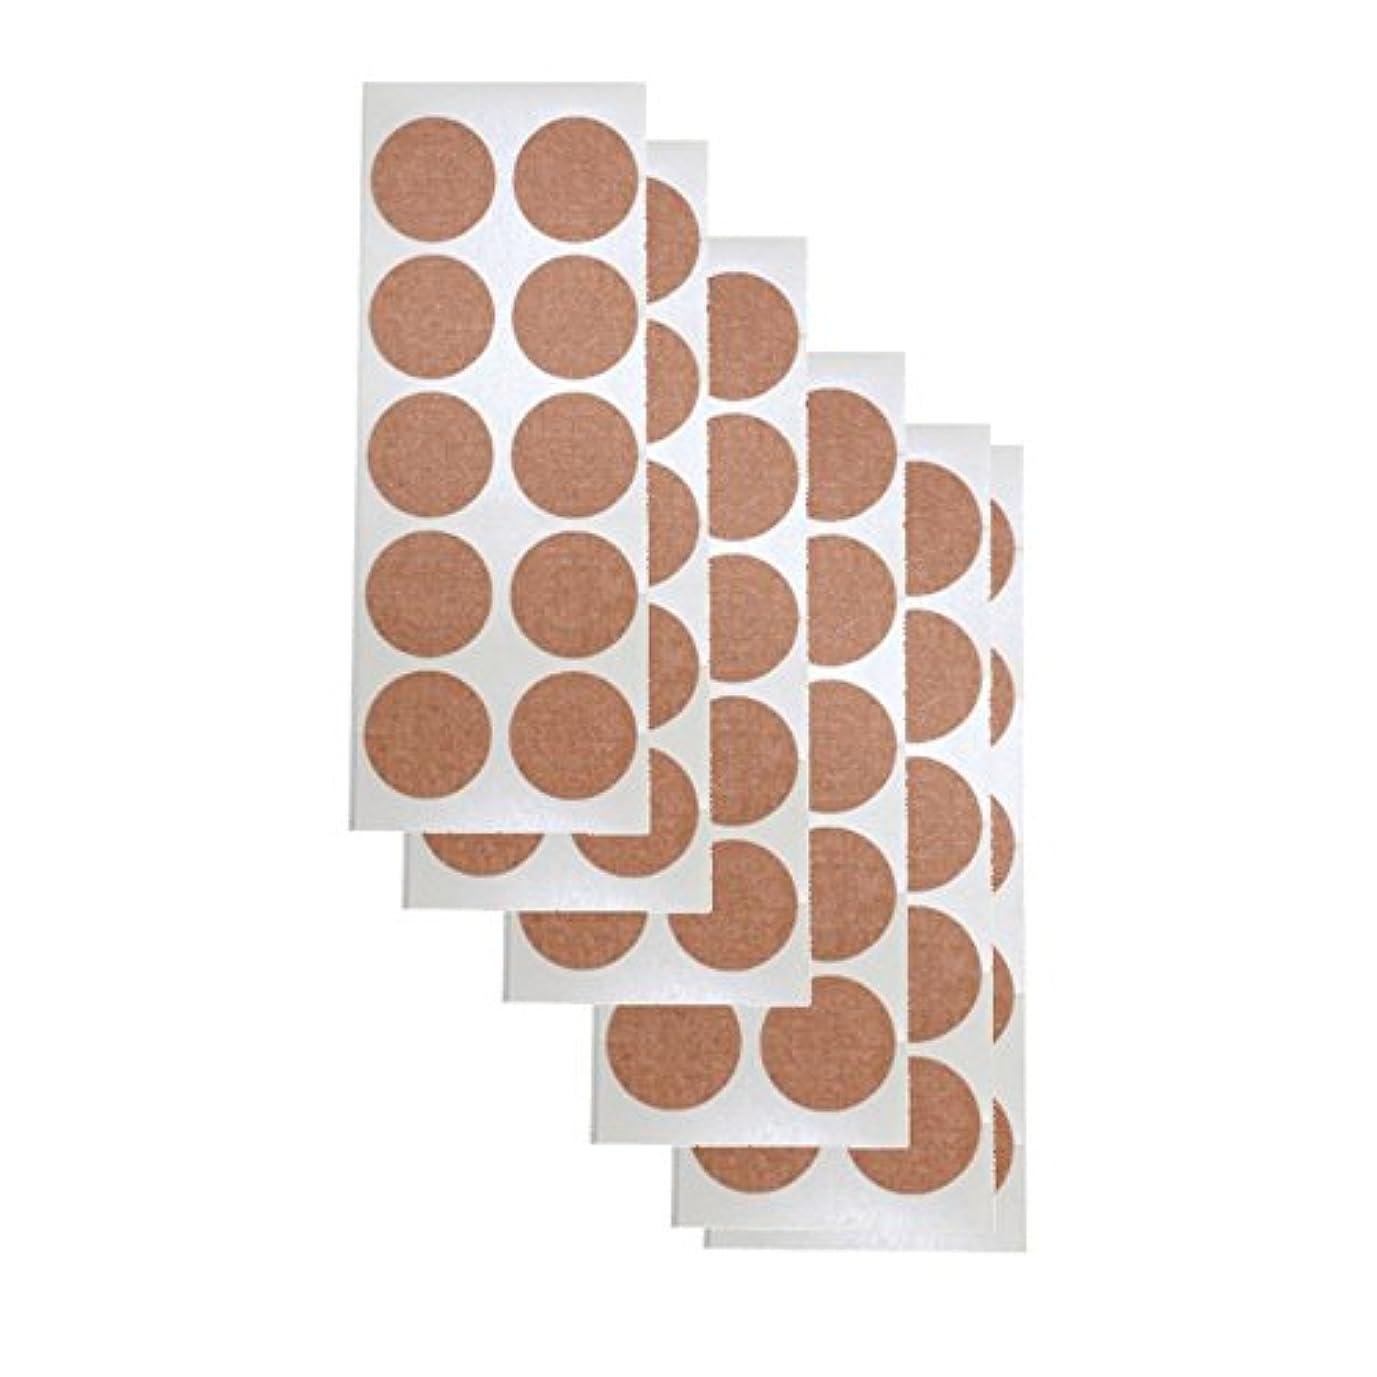 状スラダムカセットTQチップ 貼り替え用専用シール 効果は半永久的!貼っただけで心身のバランスがとれるTQチップ専用